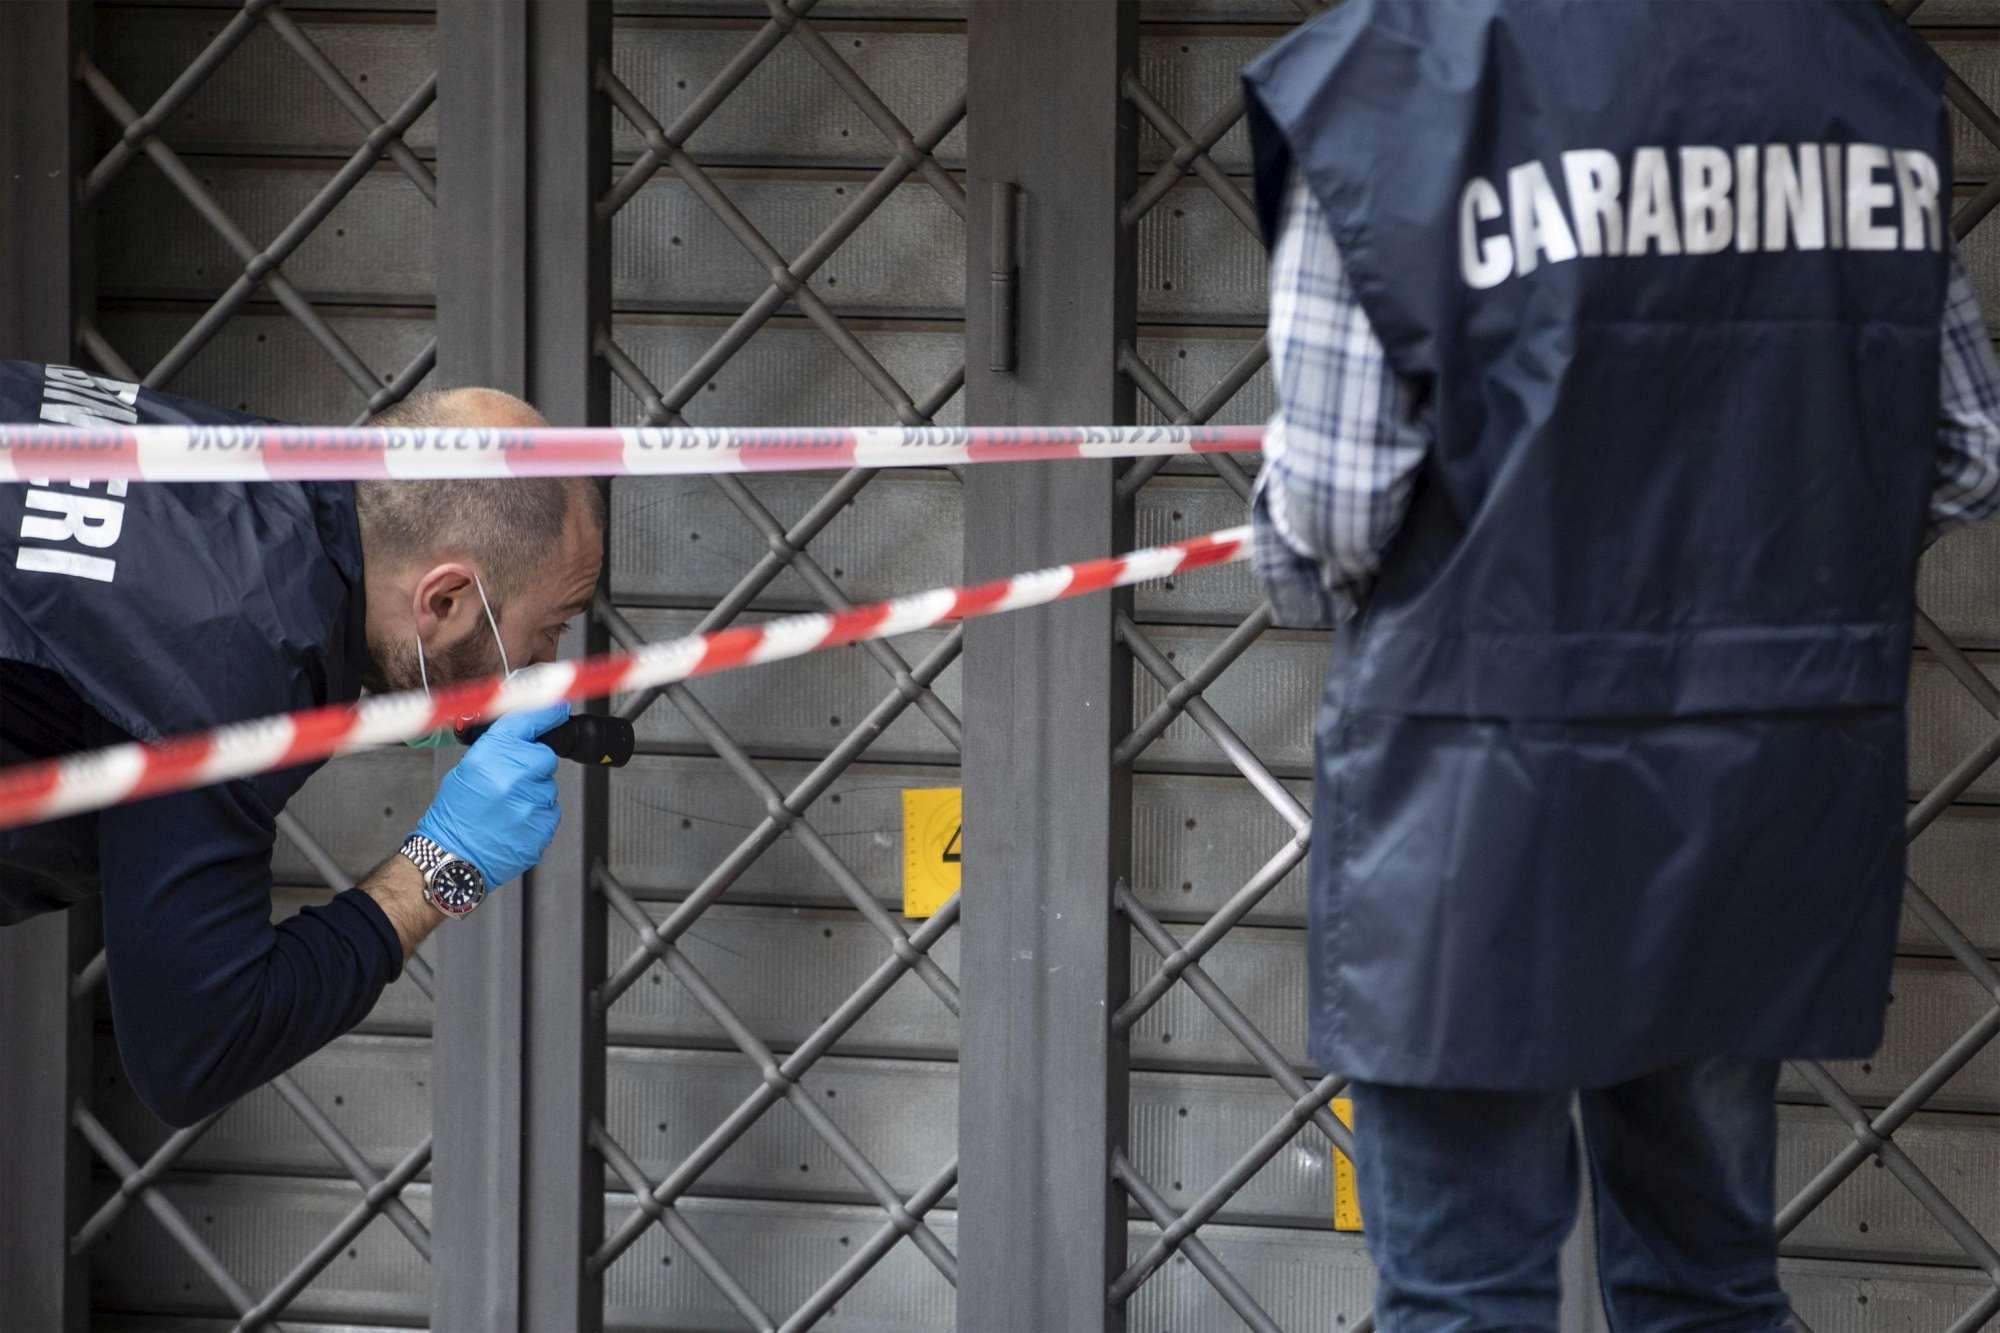 Roma, sparatoria in periferia: due feriti